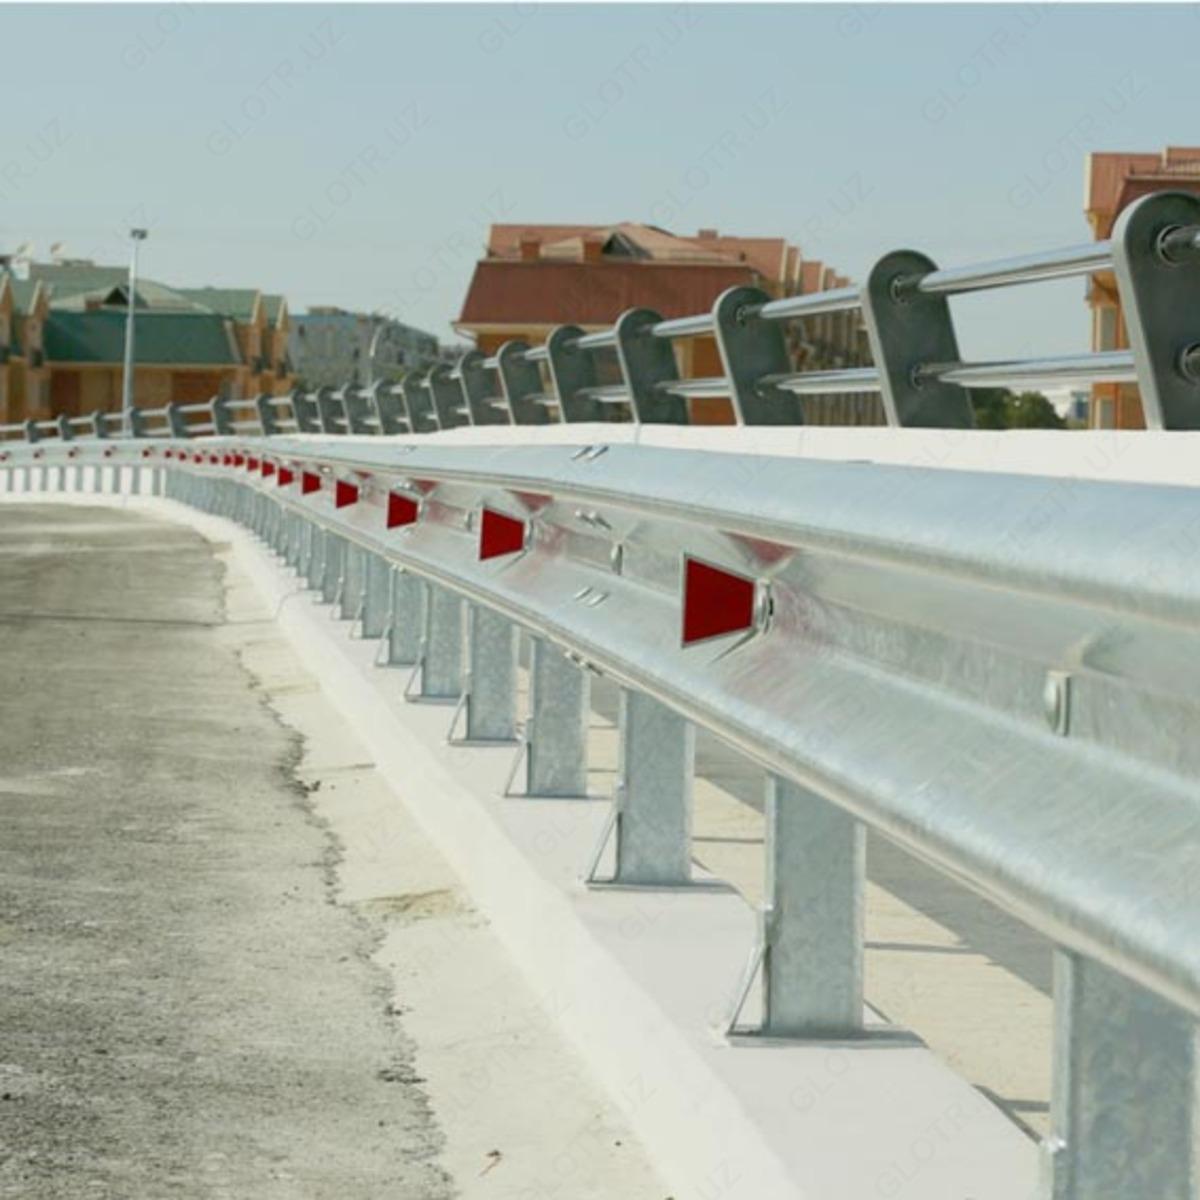 Дорожное барьерное ограждение в Узбекистане - монтаж и выбор конструктива